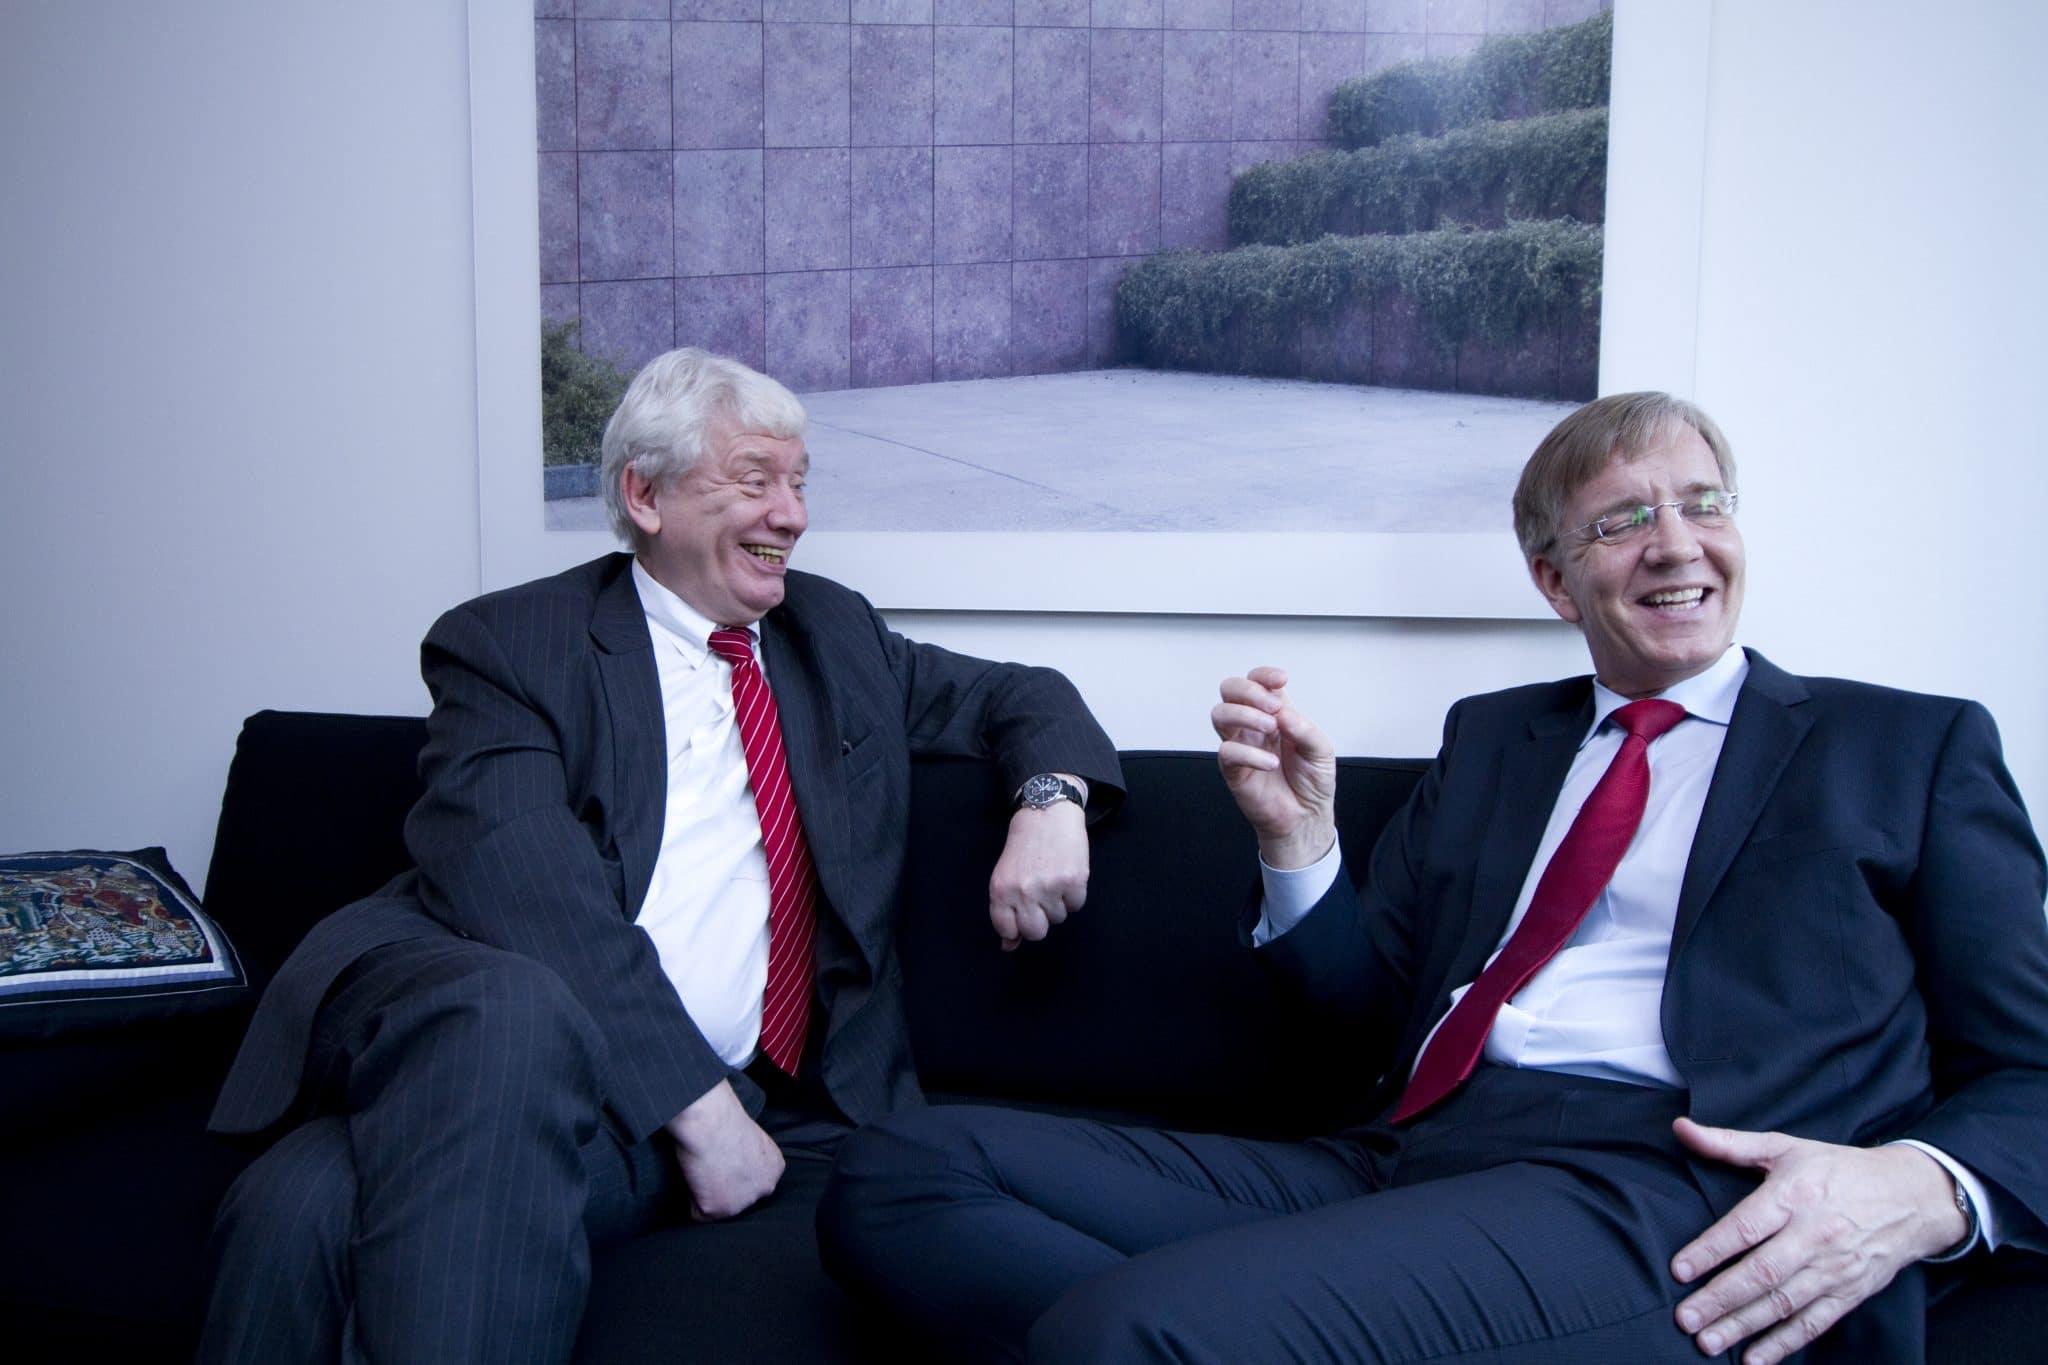 Verstehen sich gut: Jürgen Koppelin (l.) (FDP) und Dietmar Bartsch (Linke), Foto: Stephan Baumann